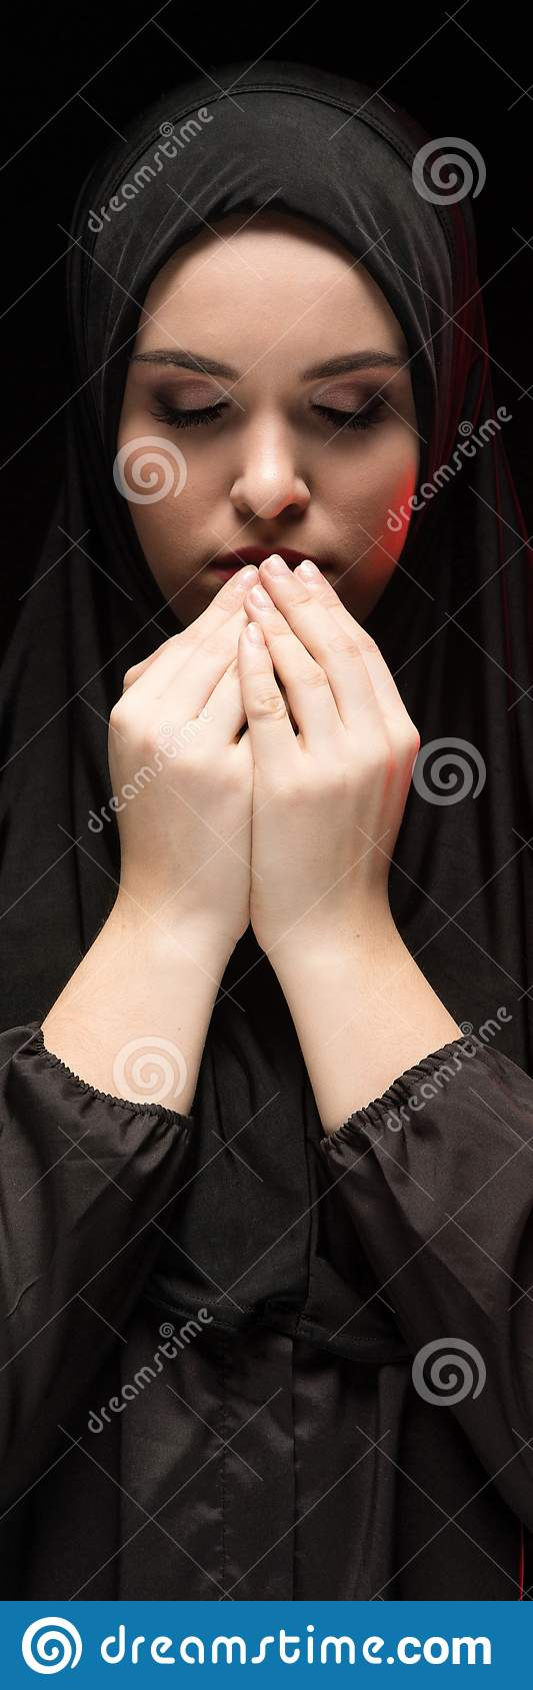 Le portrait de la belle jeune femme musulmane sérieuse portant le hijab noir avec des mains s approchent de son visage en tant qu